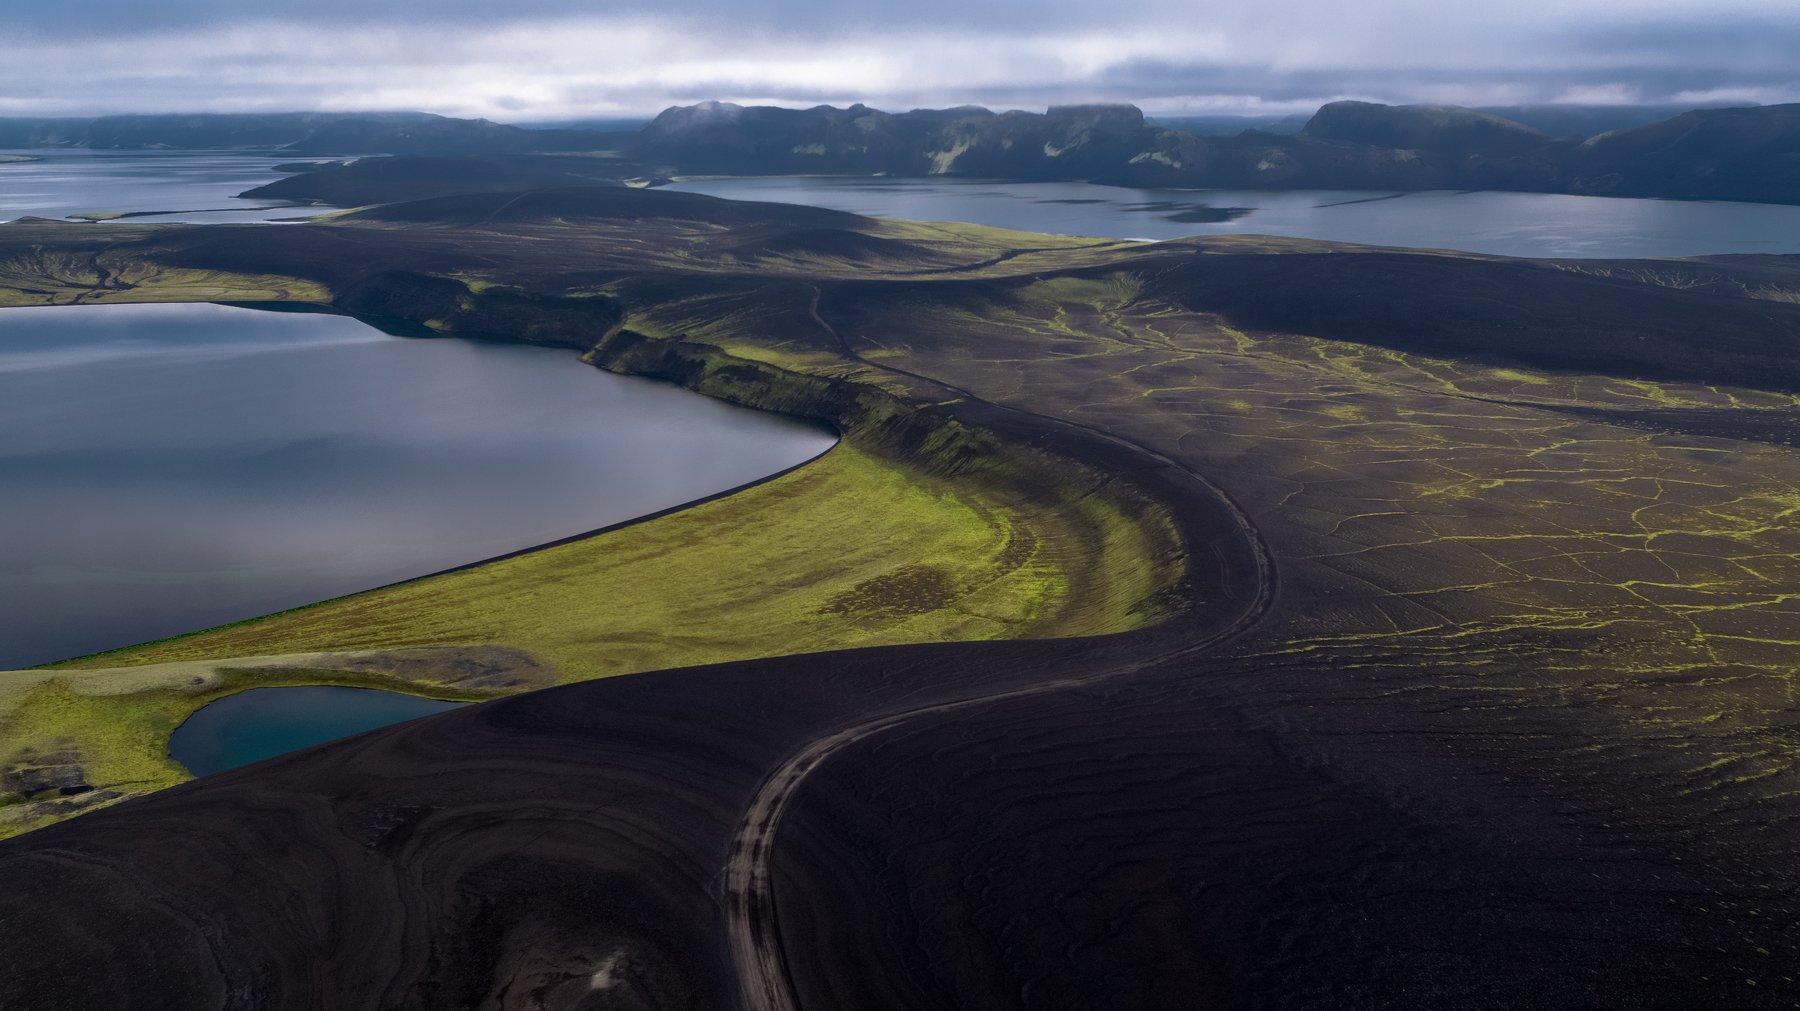 исландия,пейзаж,дорога,горы,облака,озеро,аэрофотосъёмка,пейзаж, Stepanov Ruslan